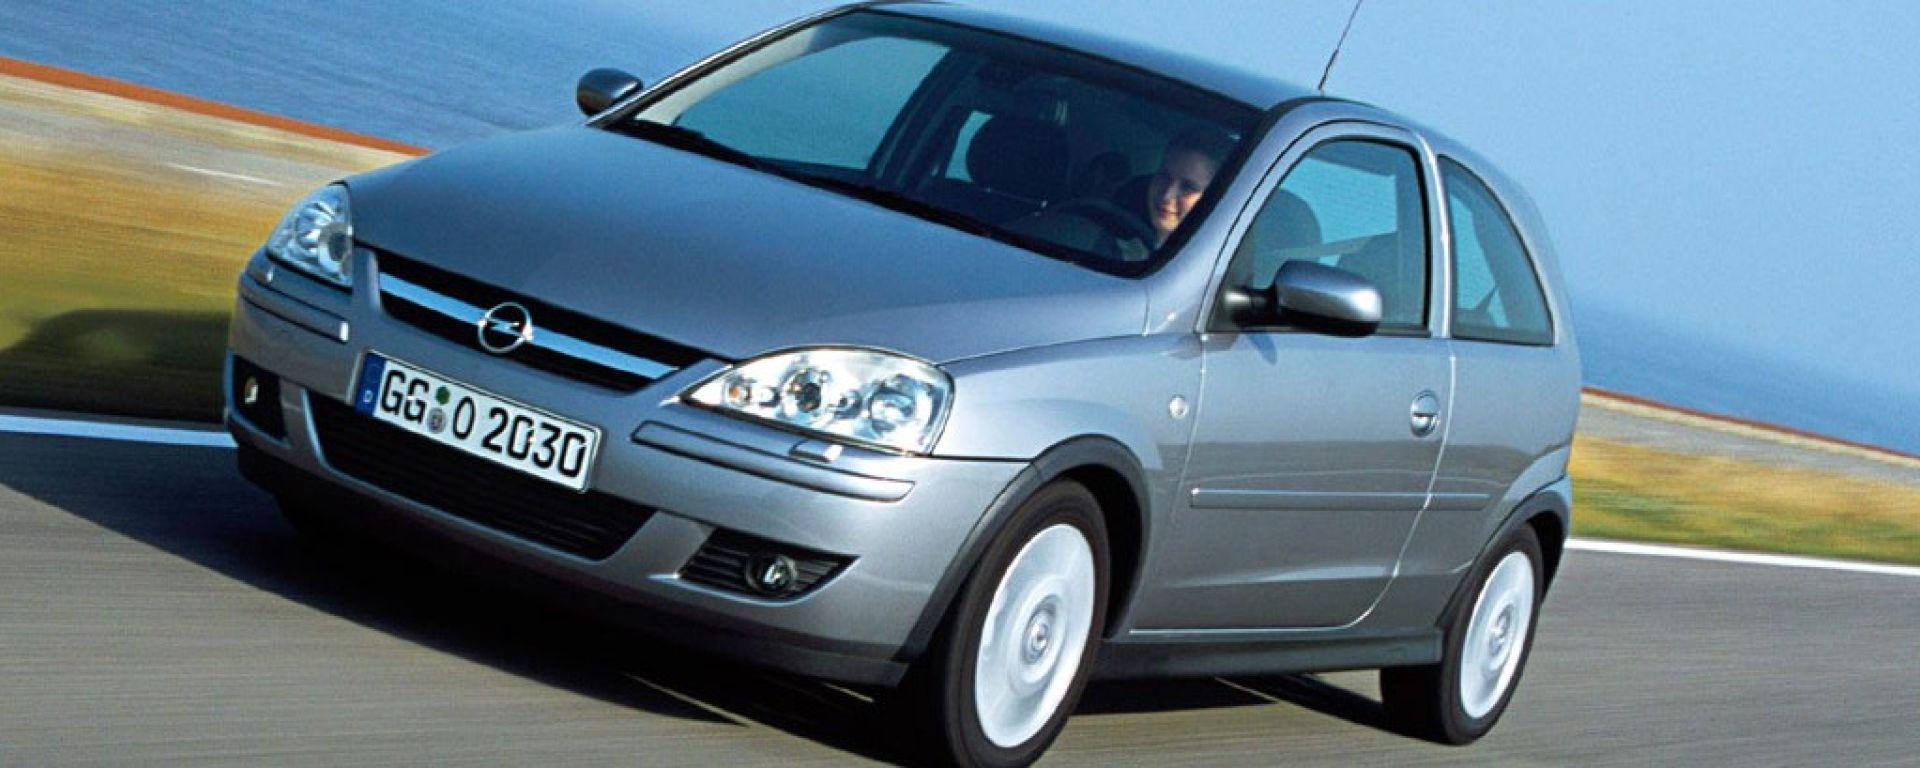 Opel Corsa my 2001